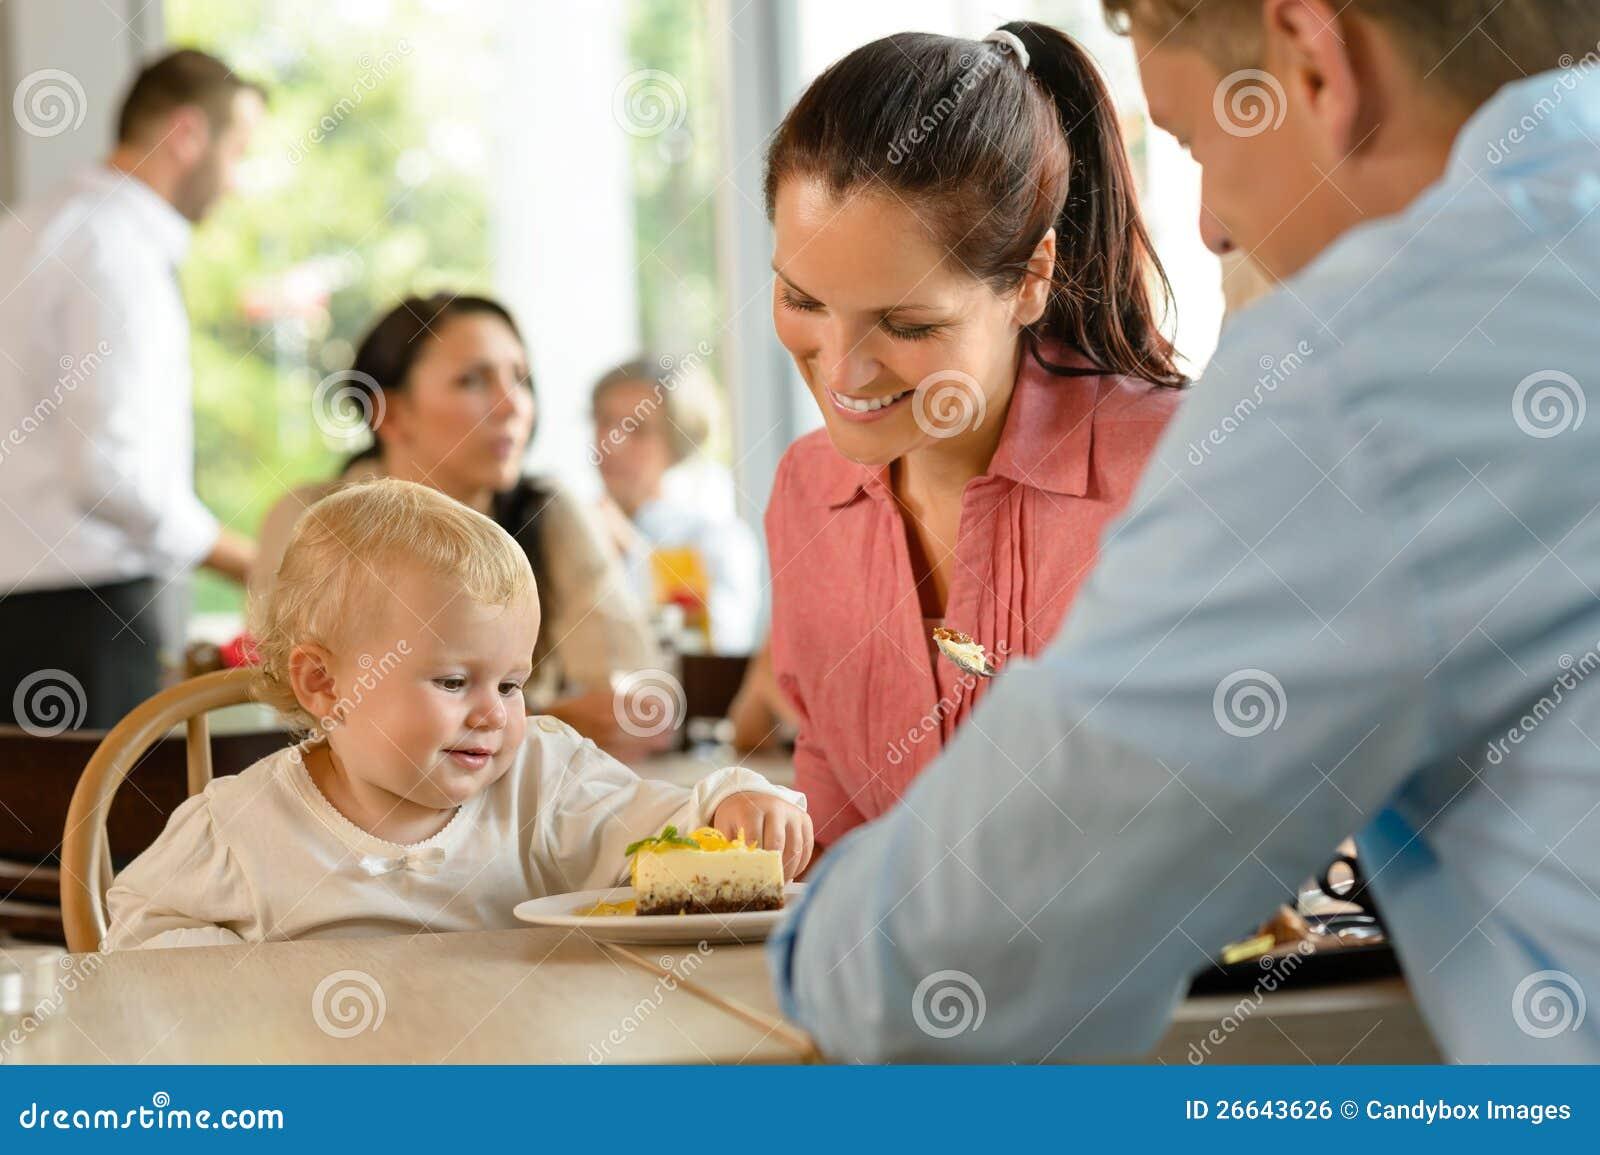 Mutter Und Vater Mit Dem Kind, Das Kuchen Isst Stockfoto